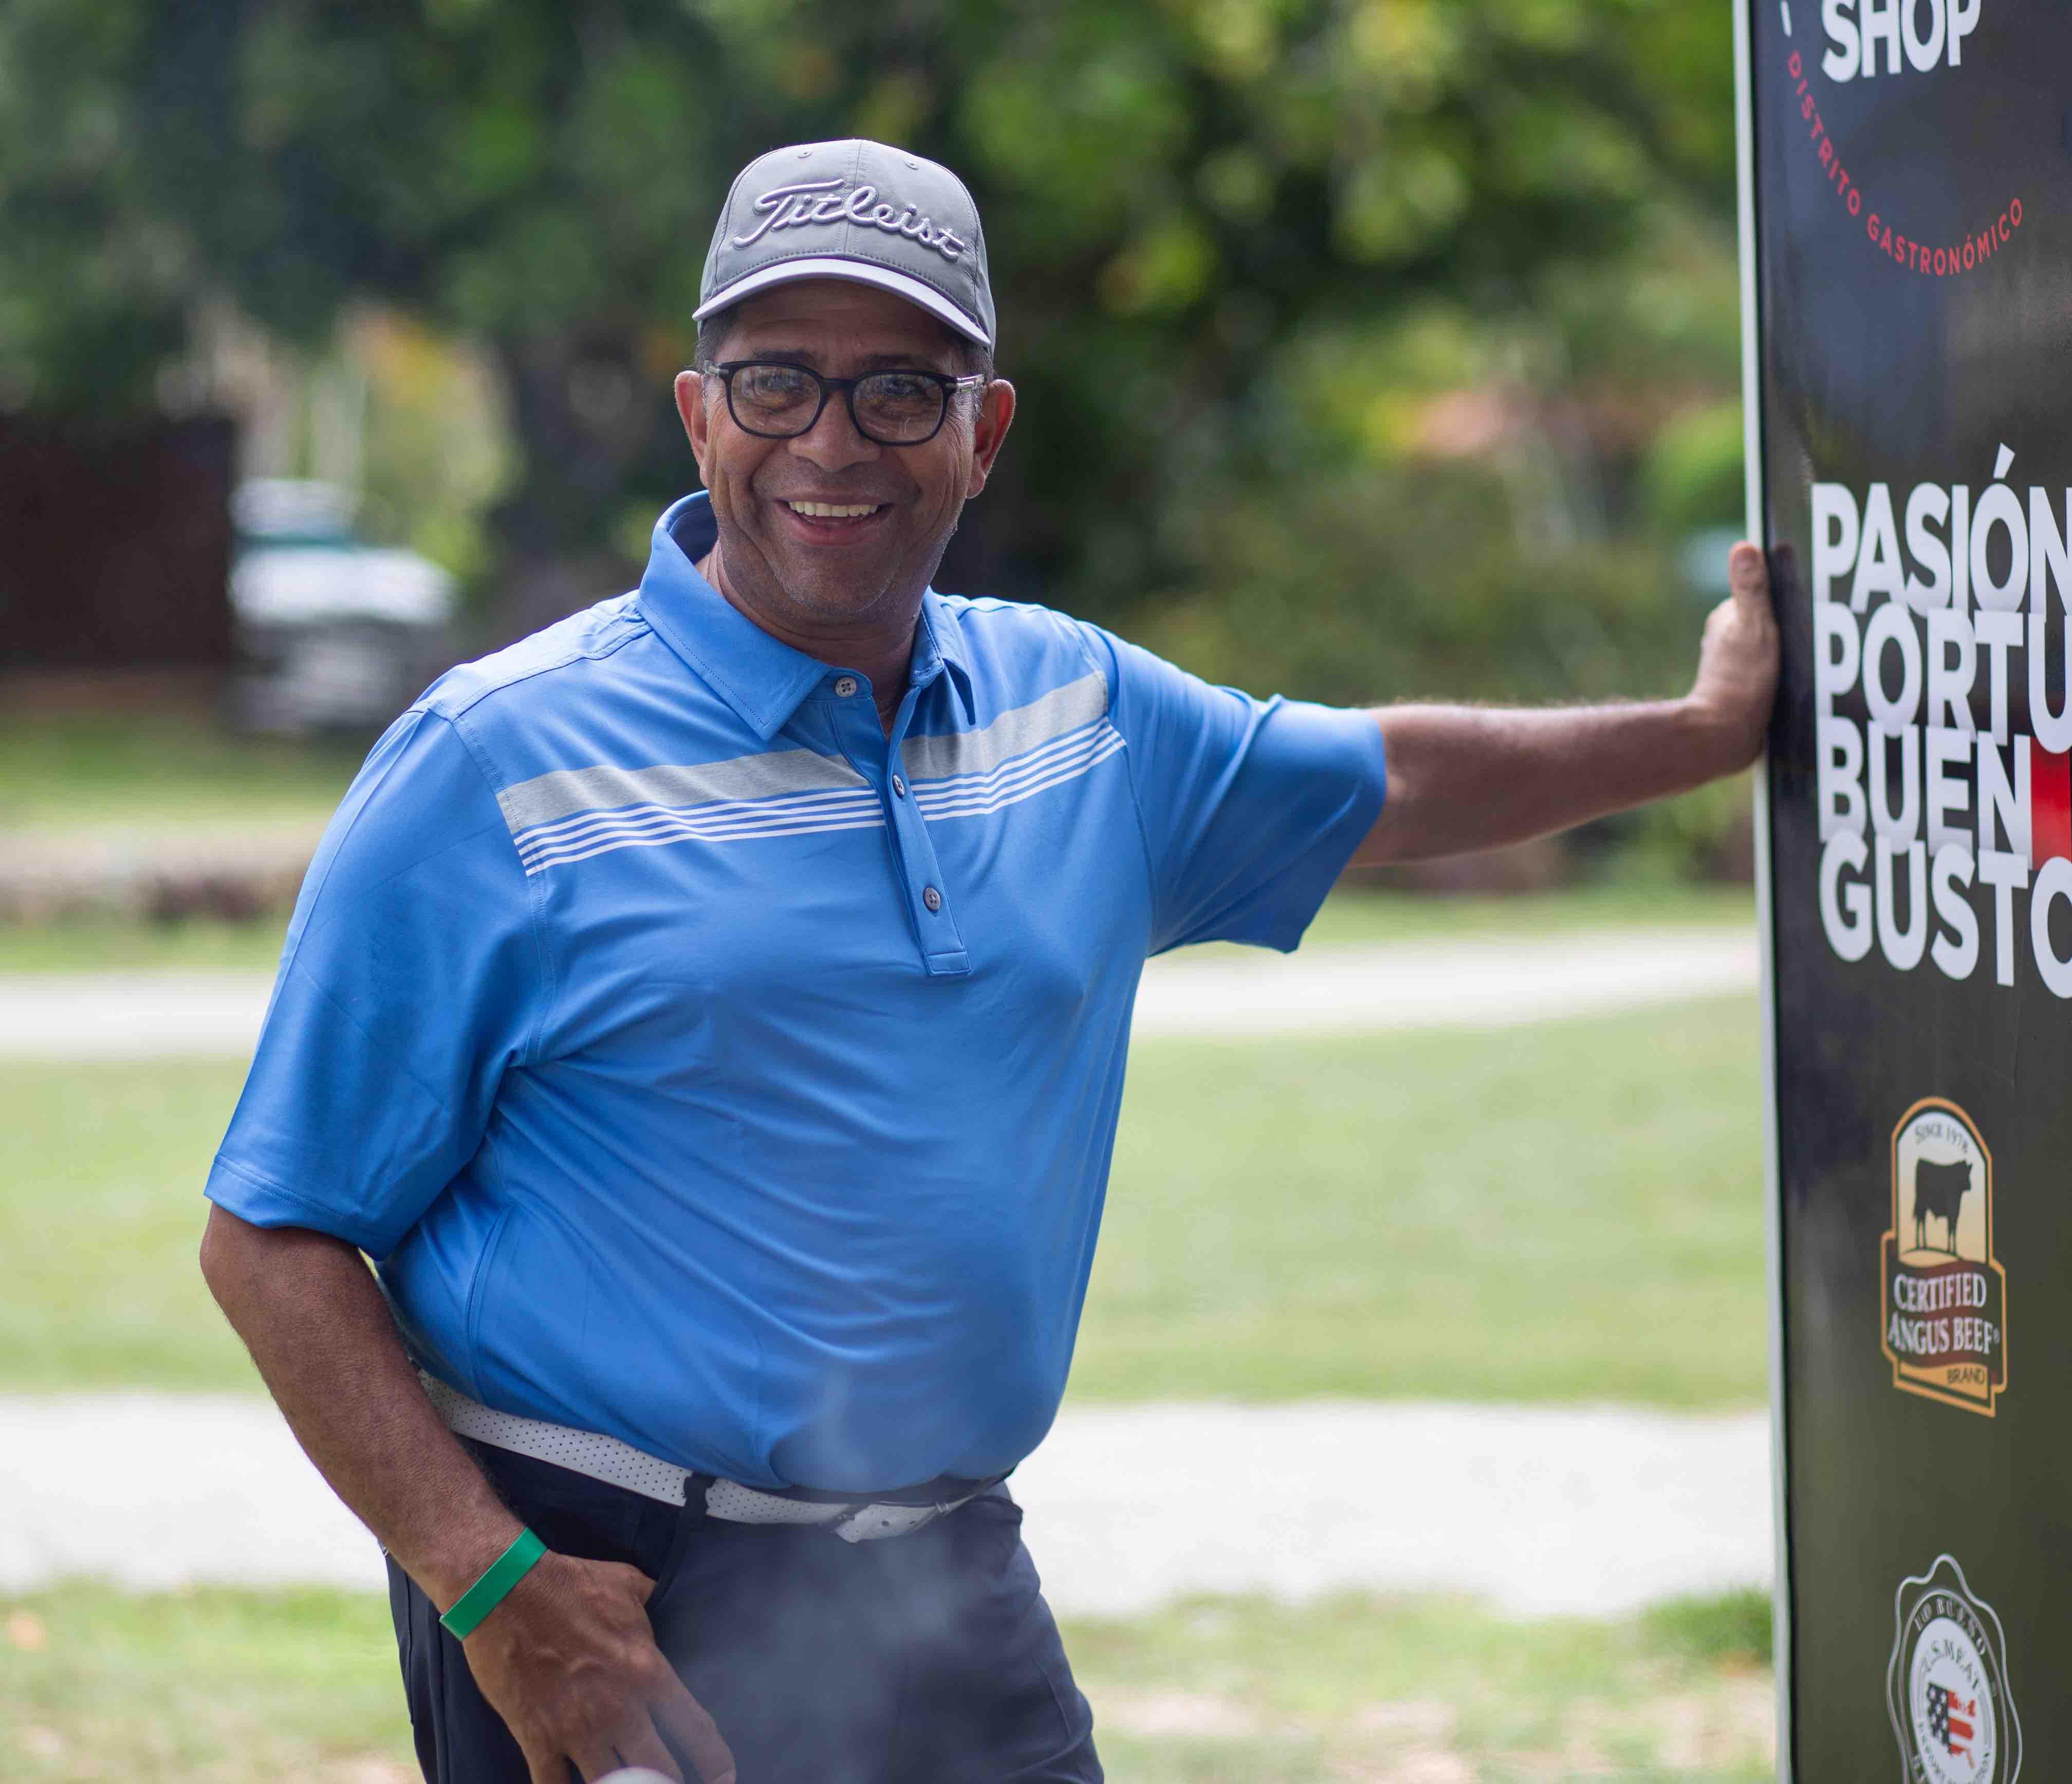 Uno de los golfistas en el stand de Imex